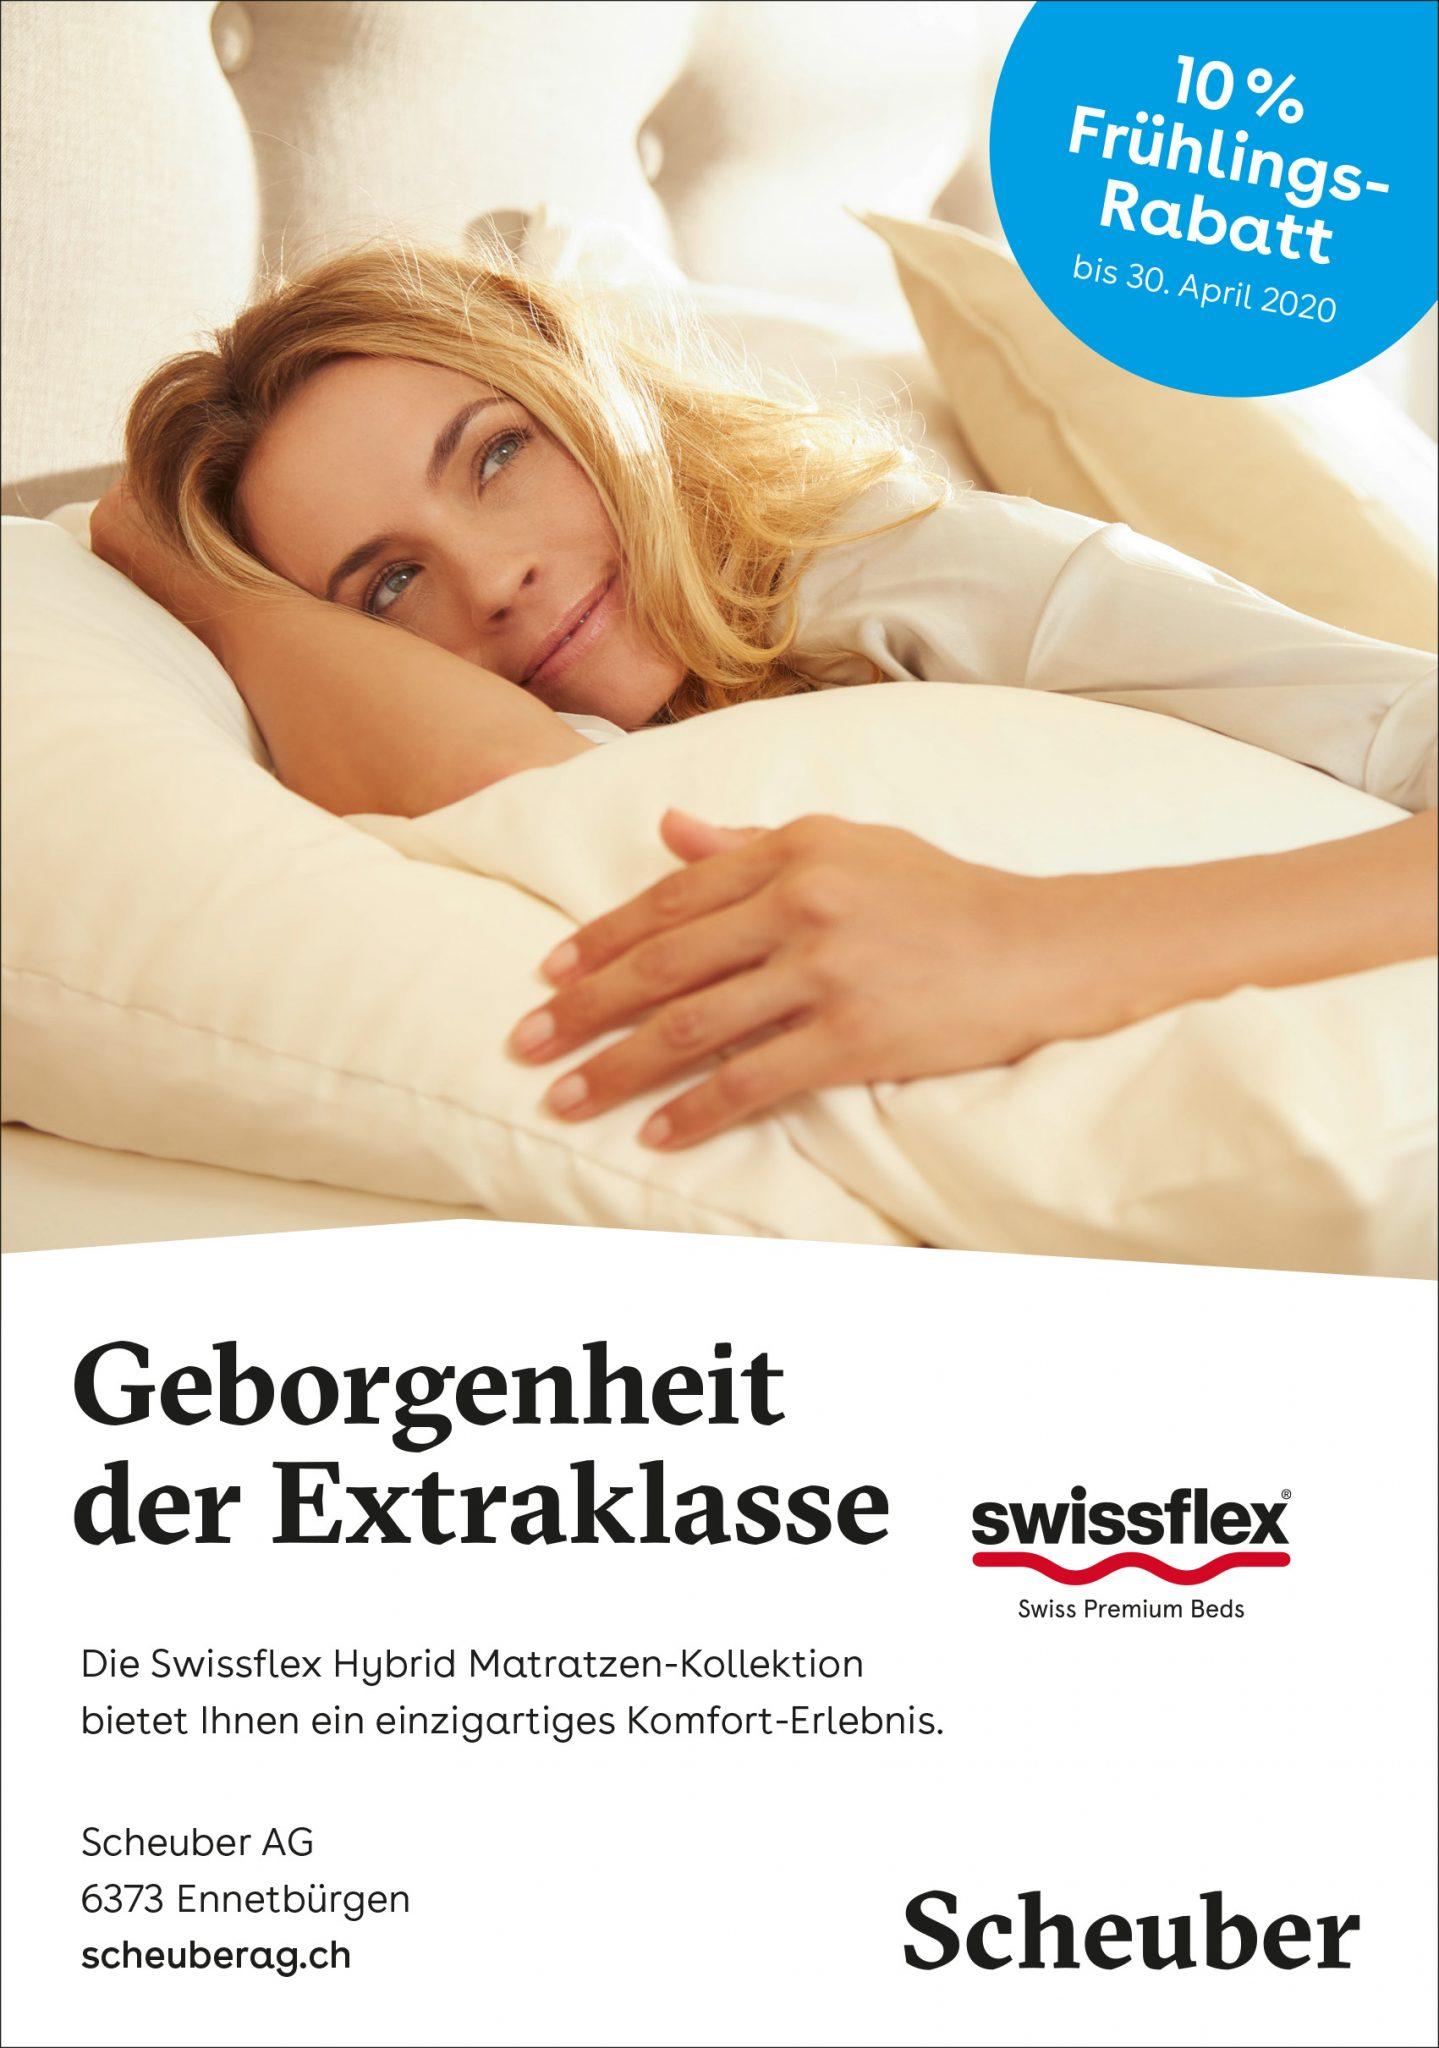 Scheuber Swissflex Aktion Rabatt